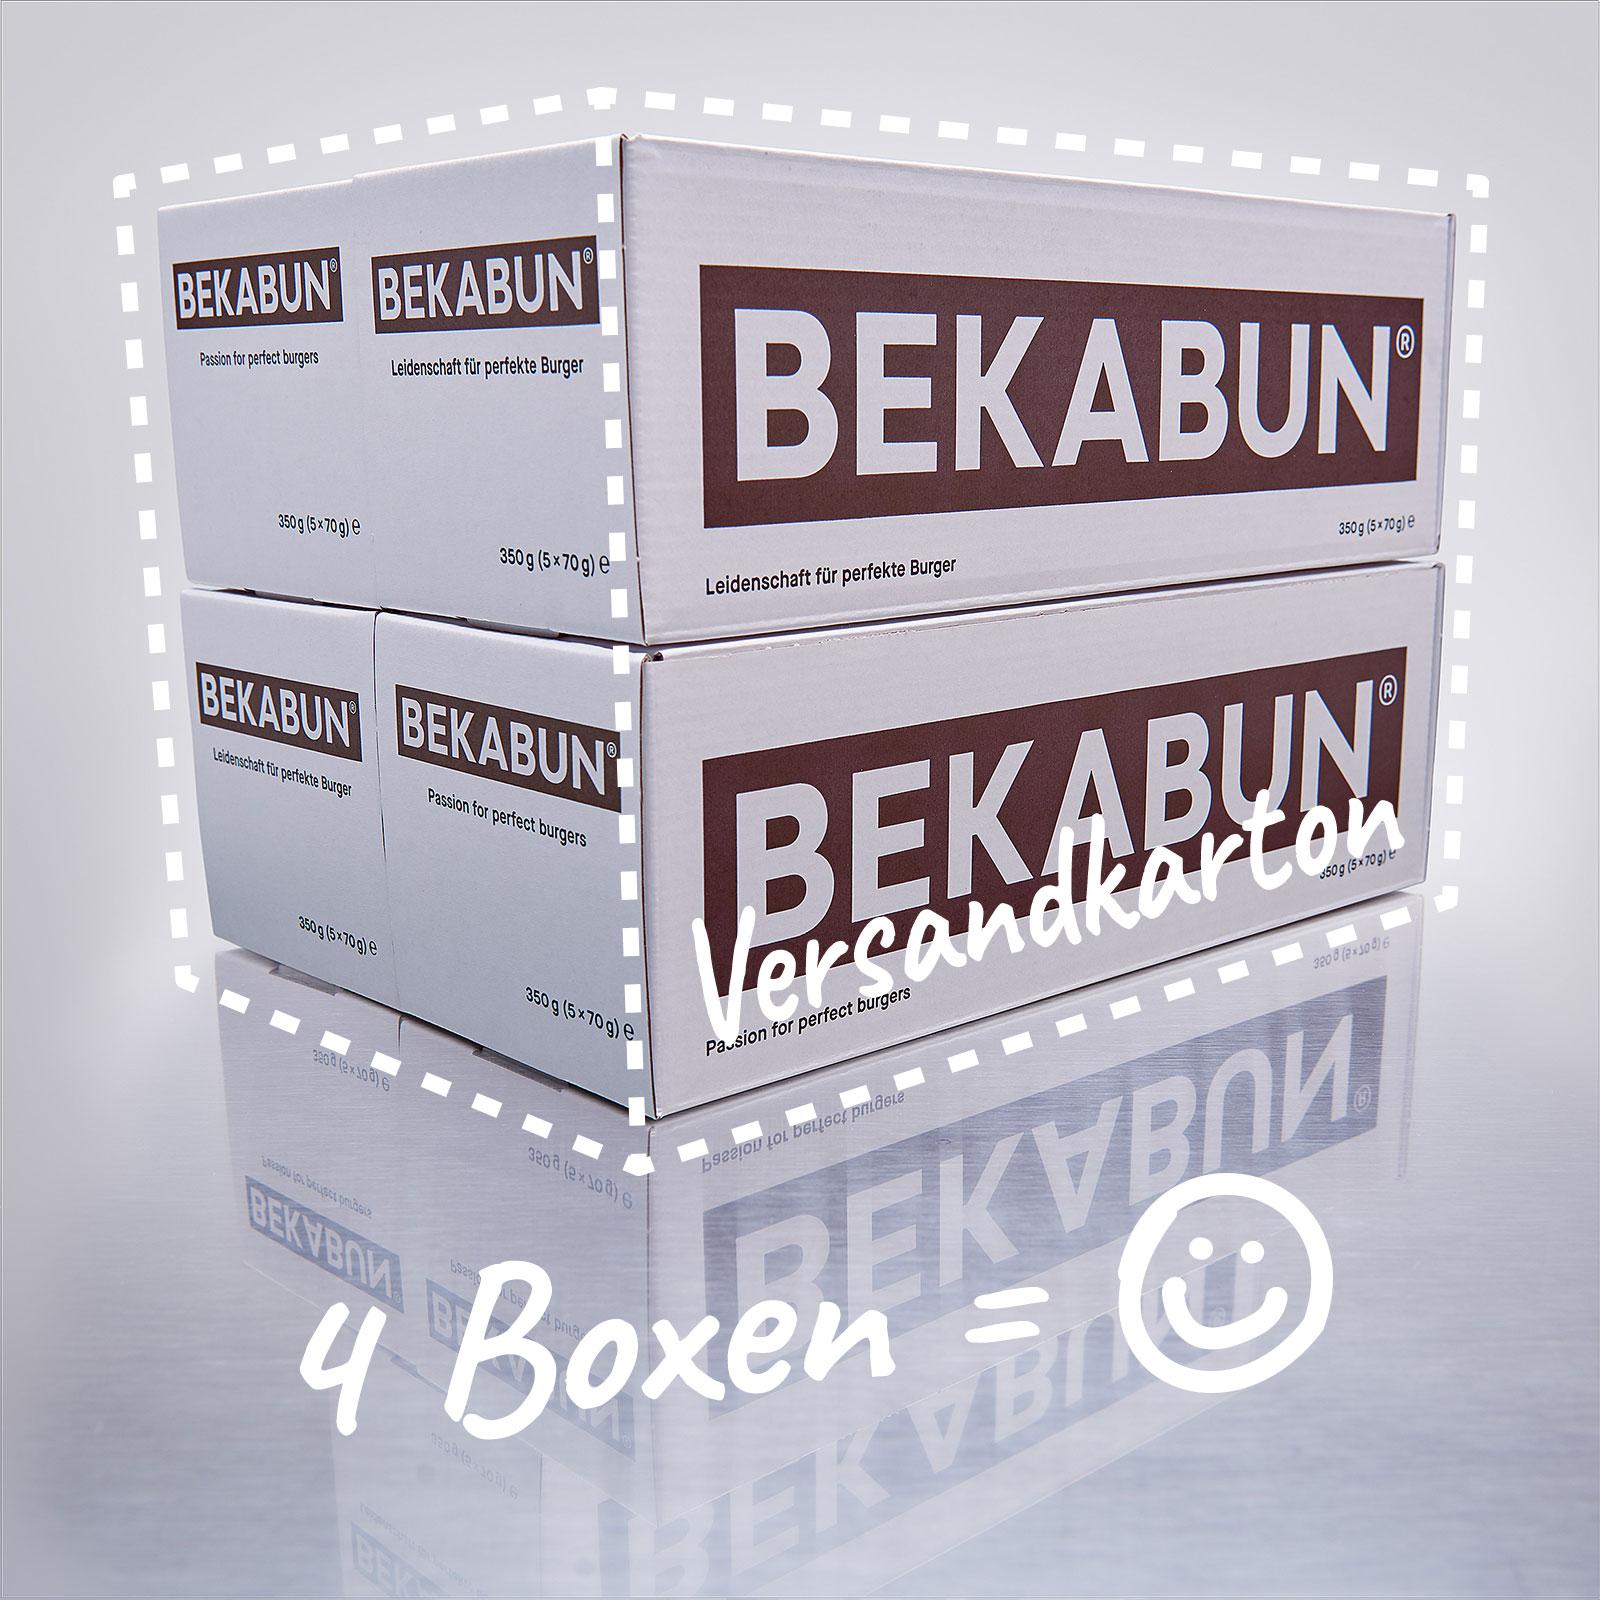 Bekarei BEKABUN Lucky 4 Box Referenz der Agentur RIGHT Marketing Berlin.